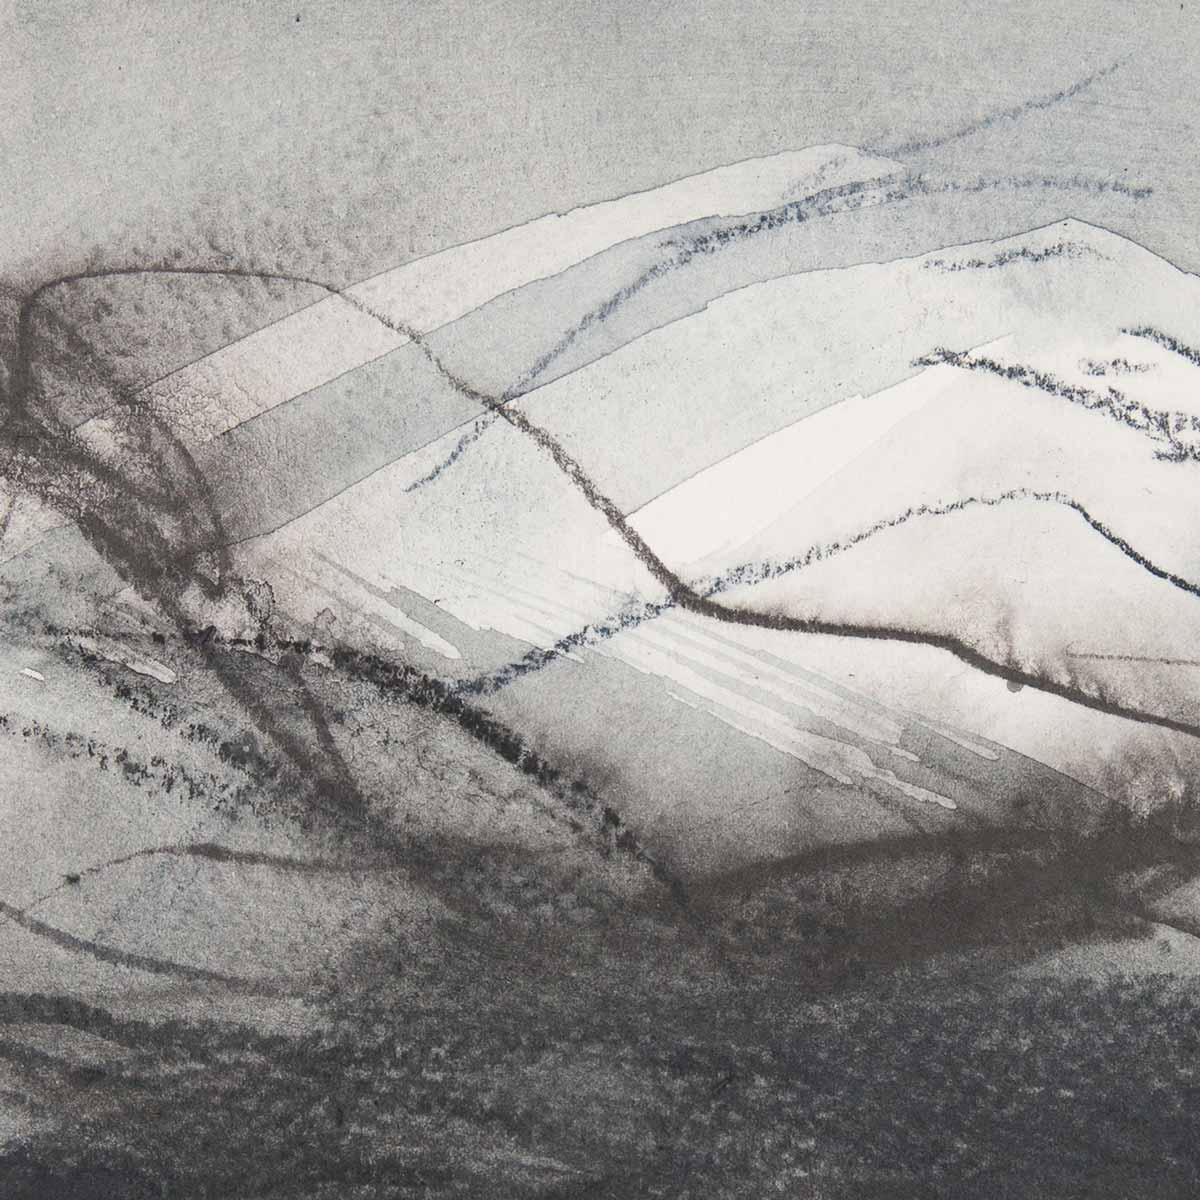 10 x 10 cm, aquarelle et crayons sur papier, 31 oct 14